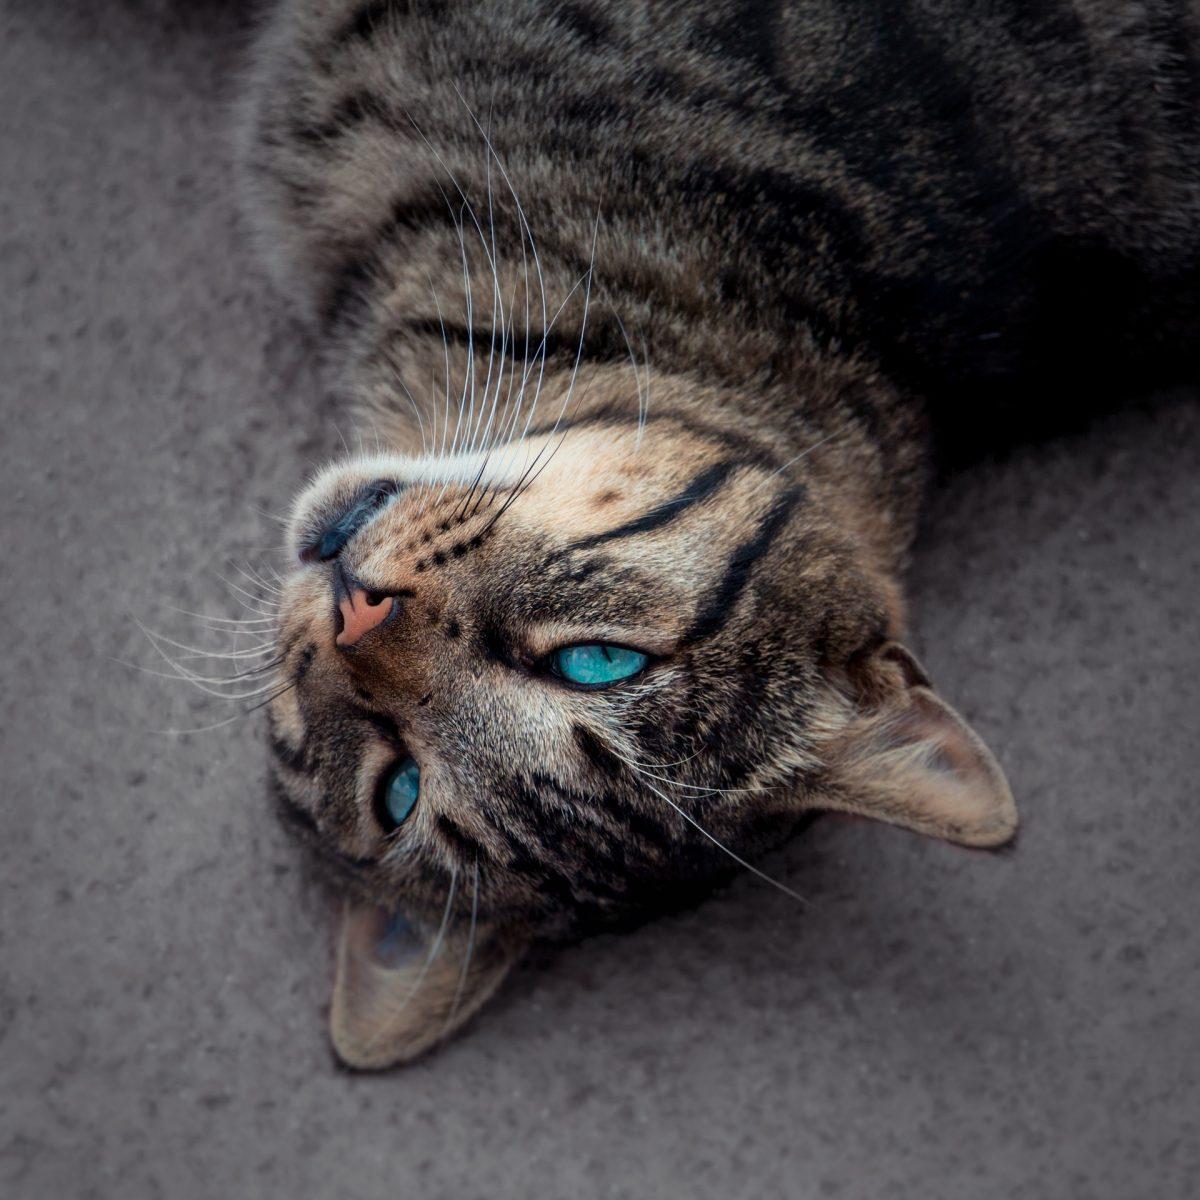 Bannerbild für Blogbeitrag: 8 Dinge, die Katzen hassen und wie du sie vermeidest